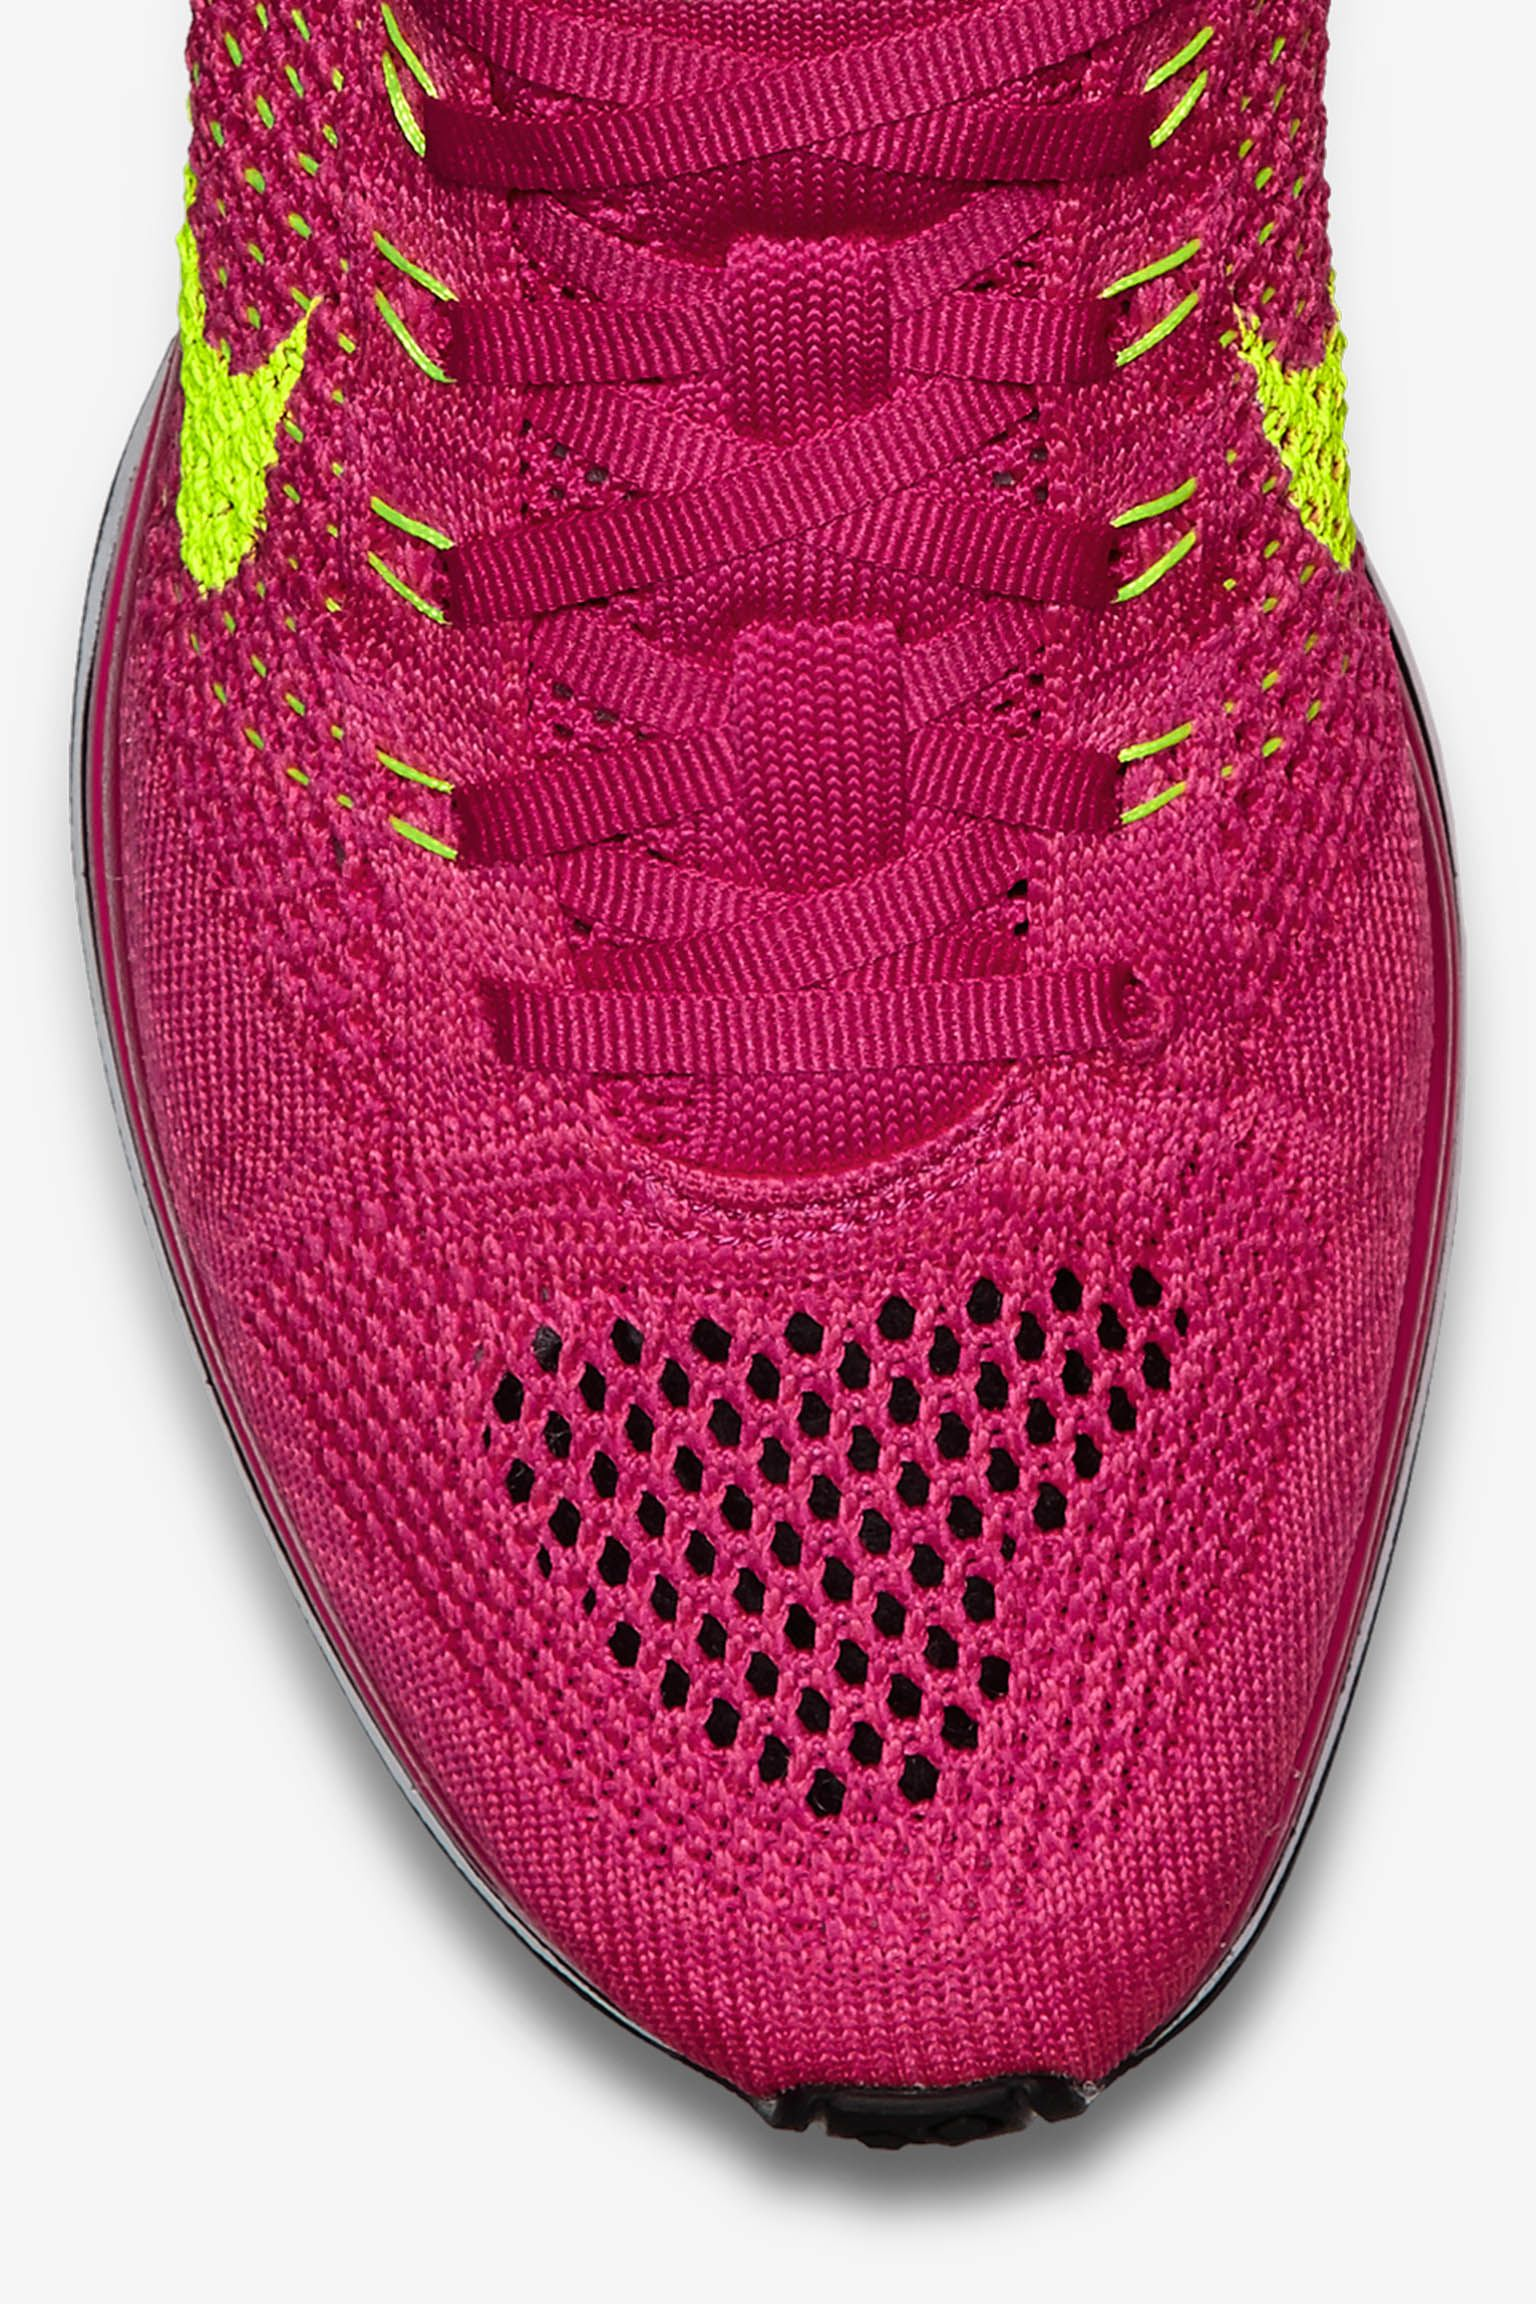 Nike Flyknit Racer 'Fireberry' Release Date